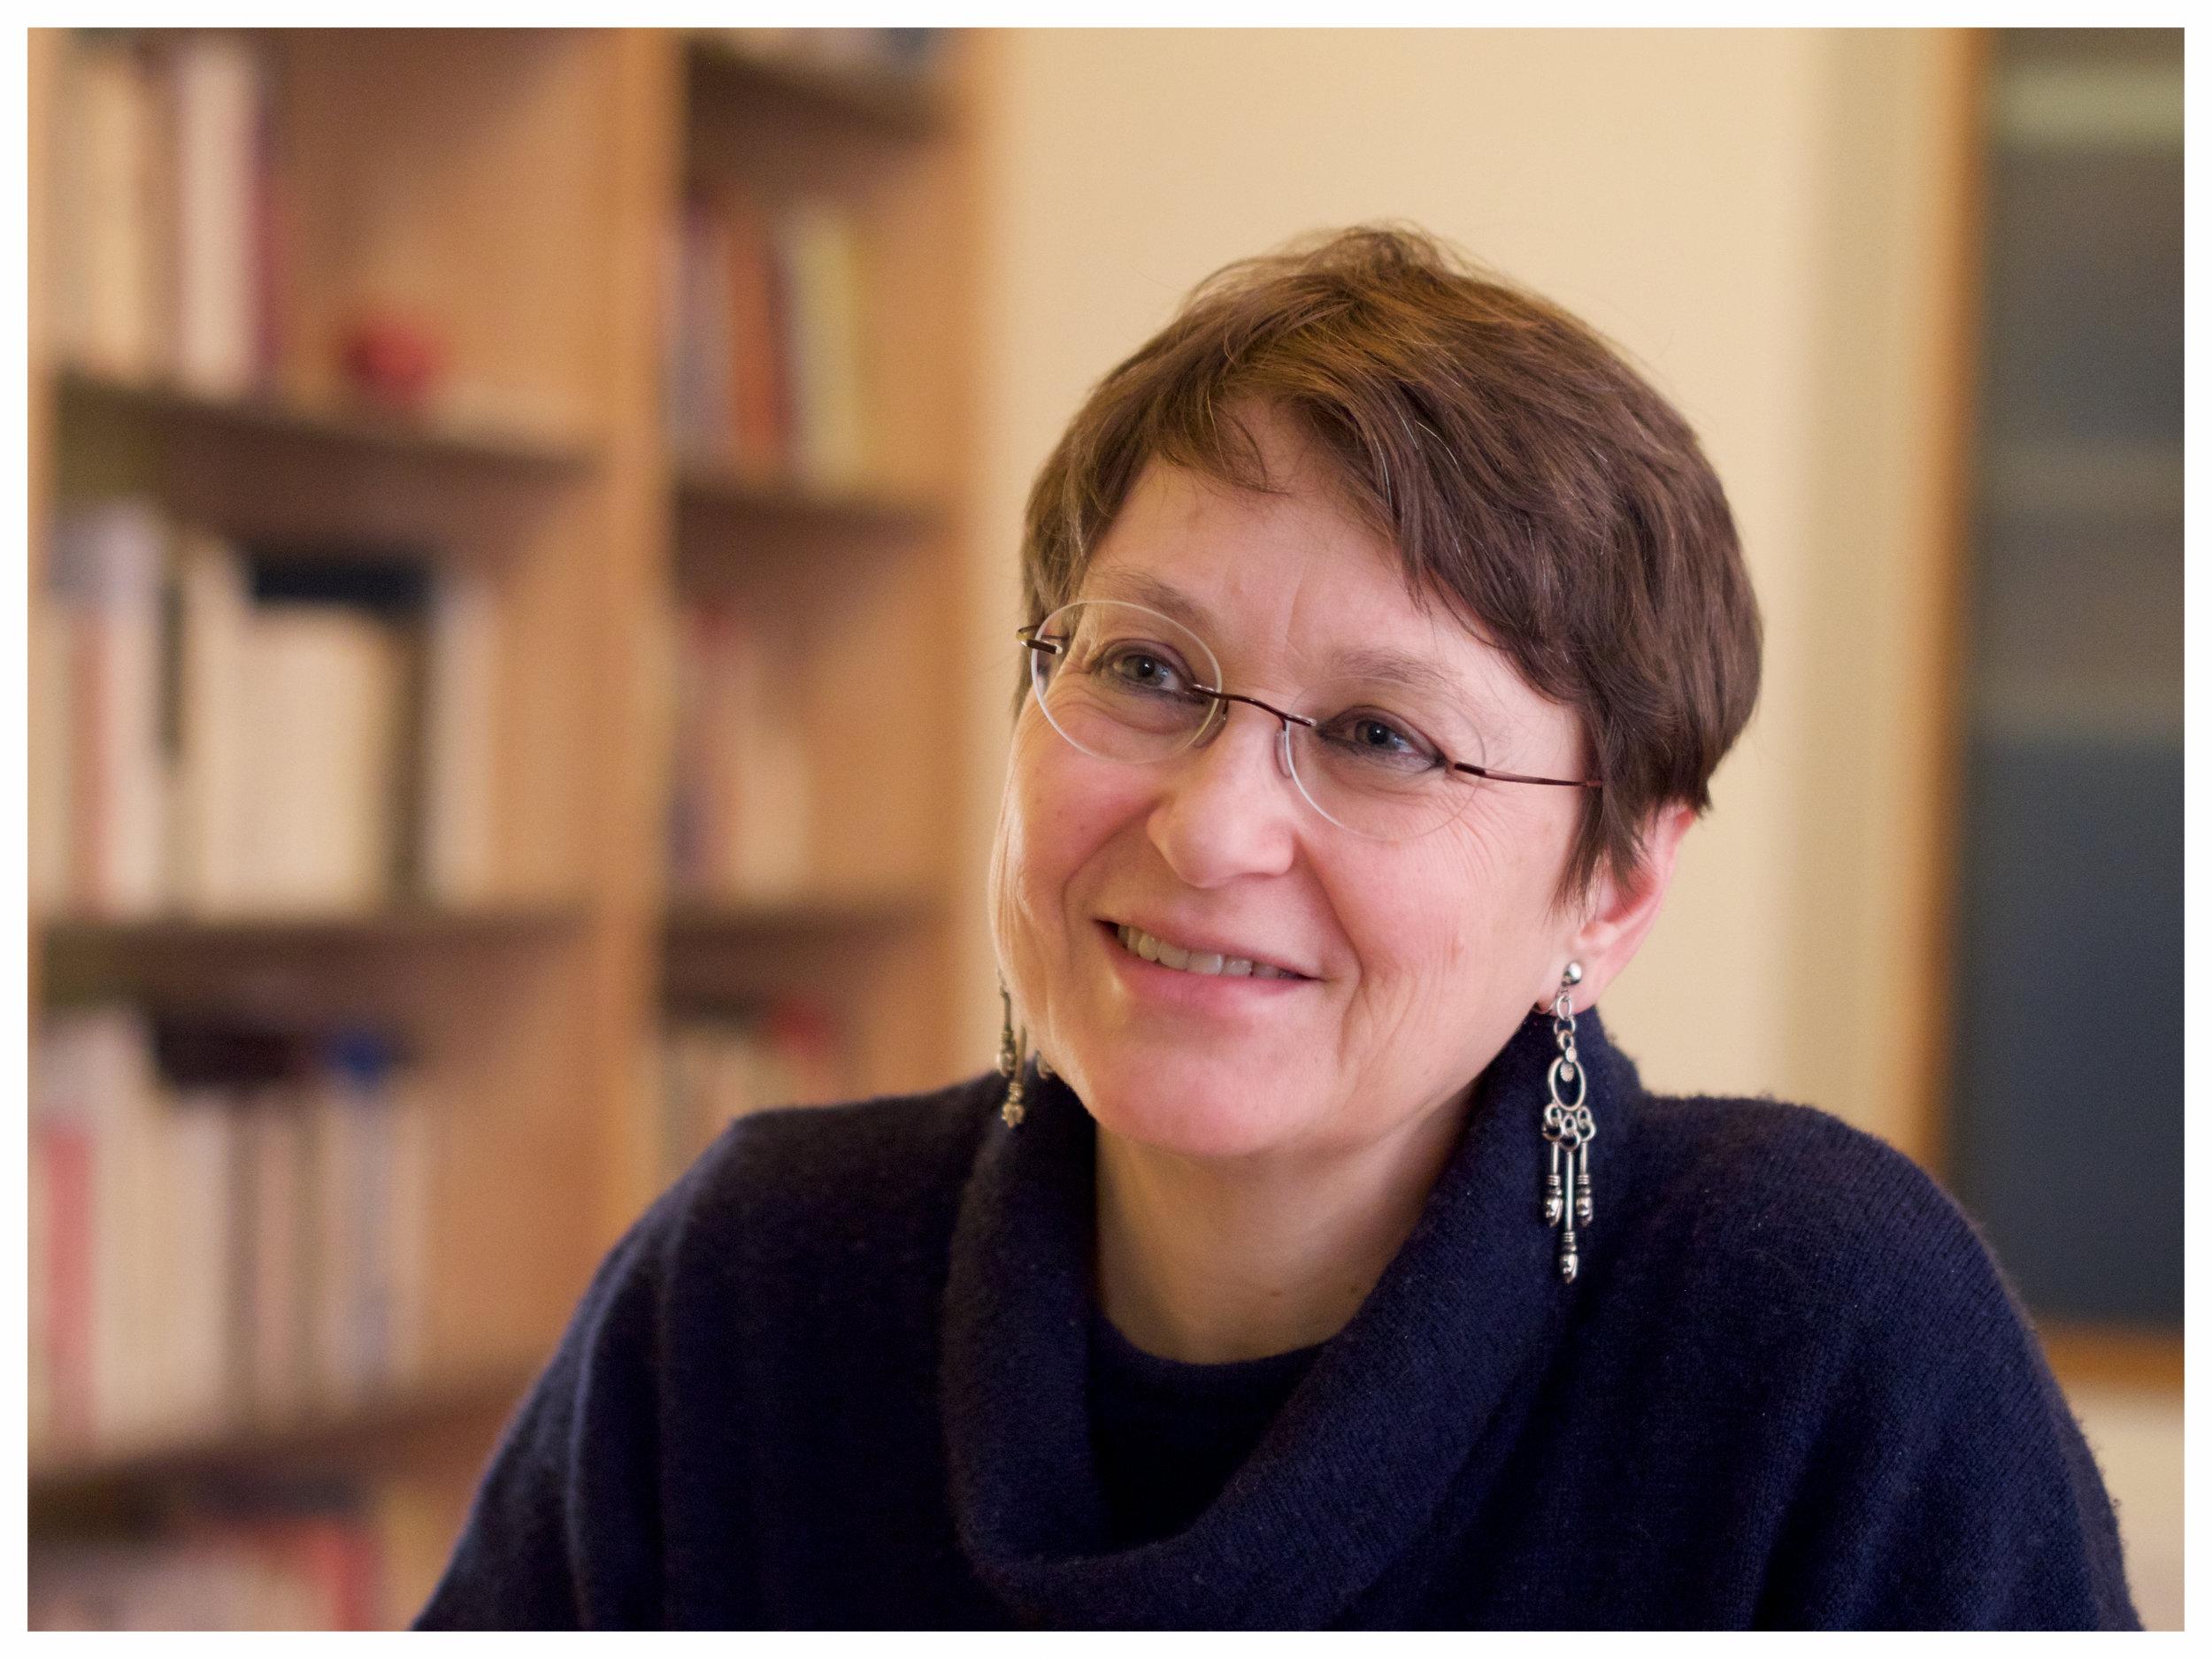 Corinne Finkelstein Portrait.jpg